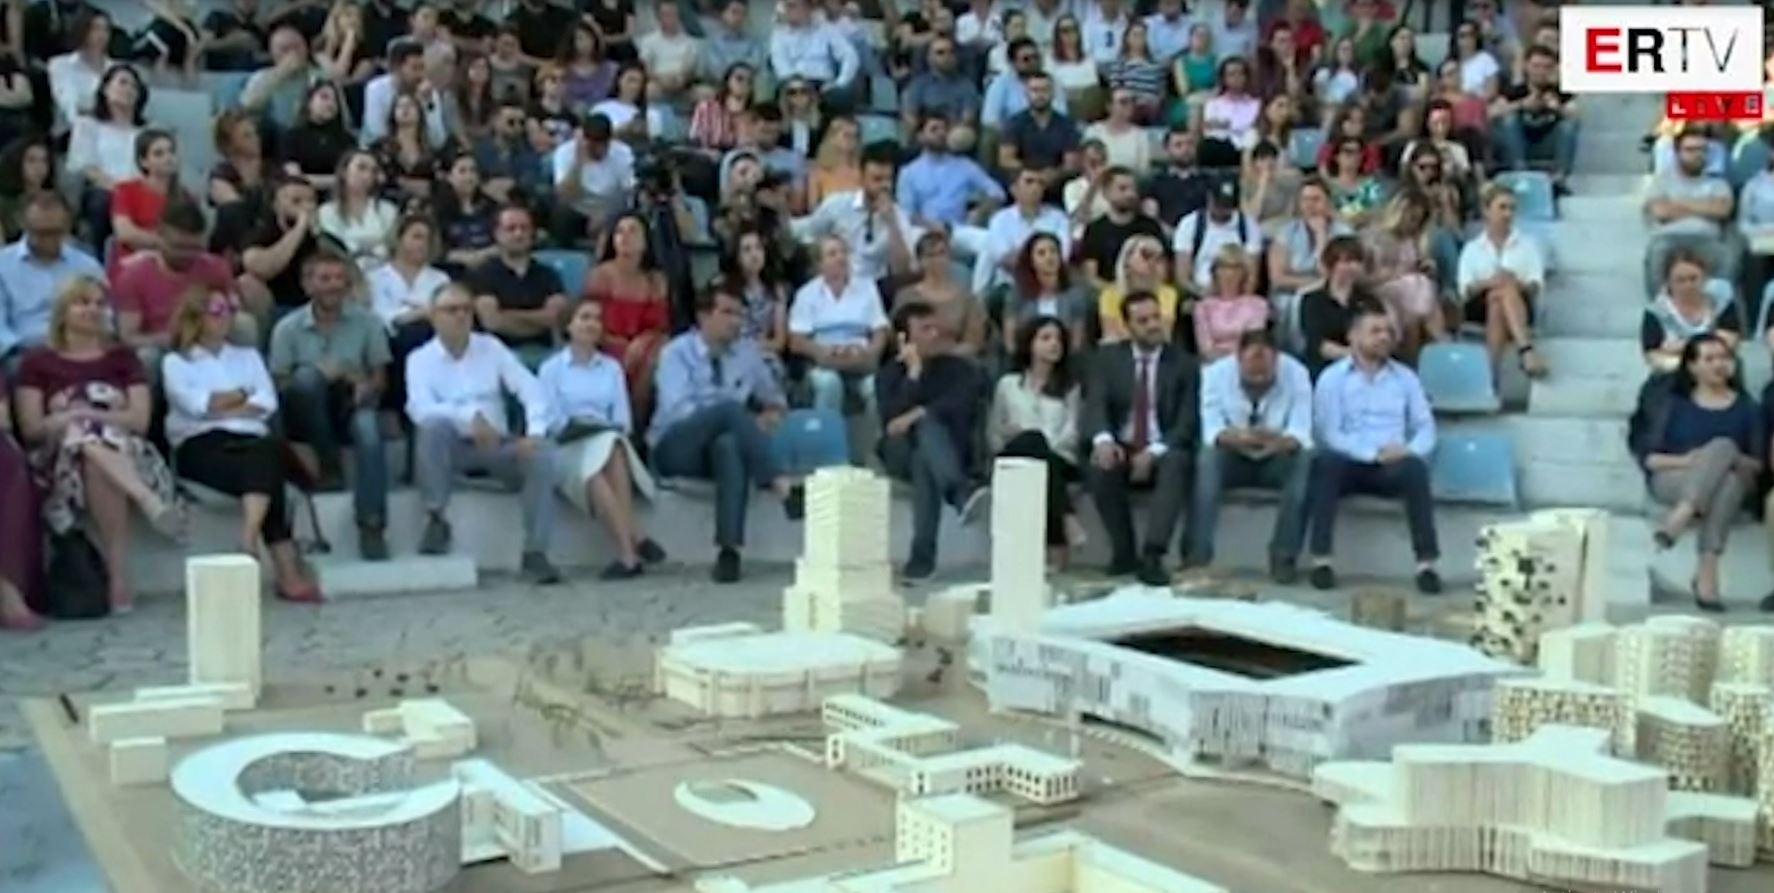 Veliaj prezanton shtëpinë e re të arteve: Pas protestës, është koha për punë